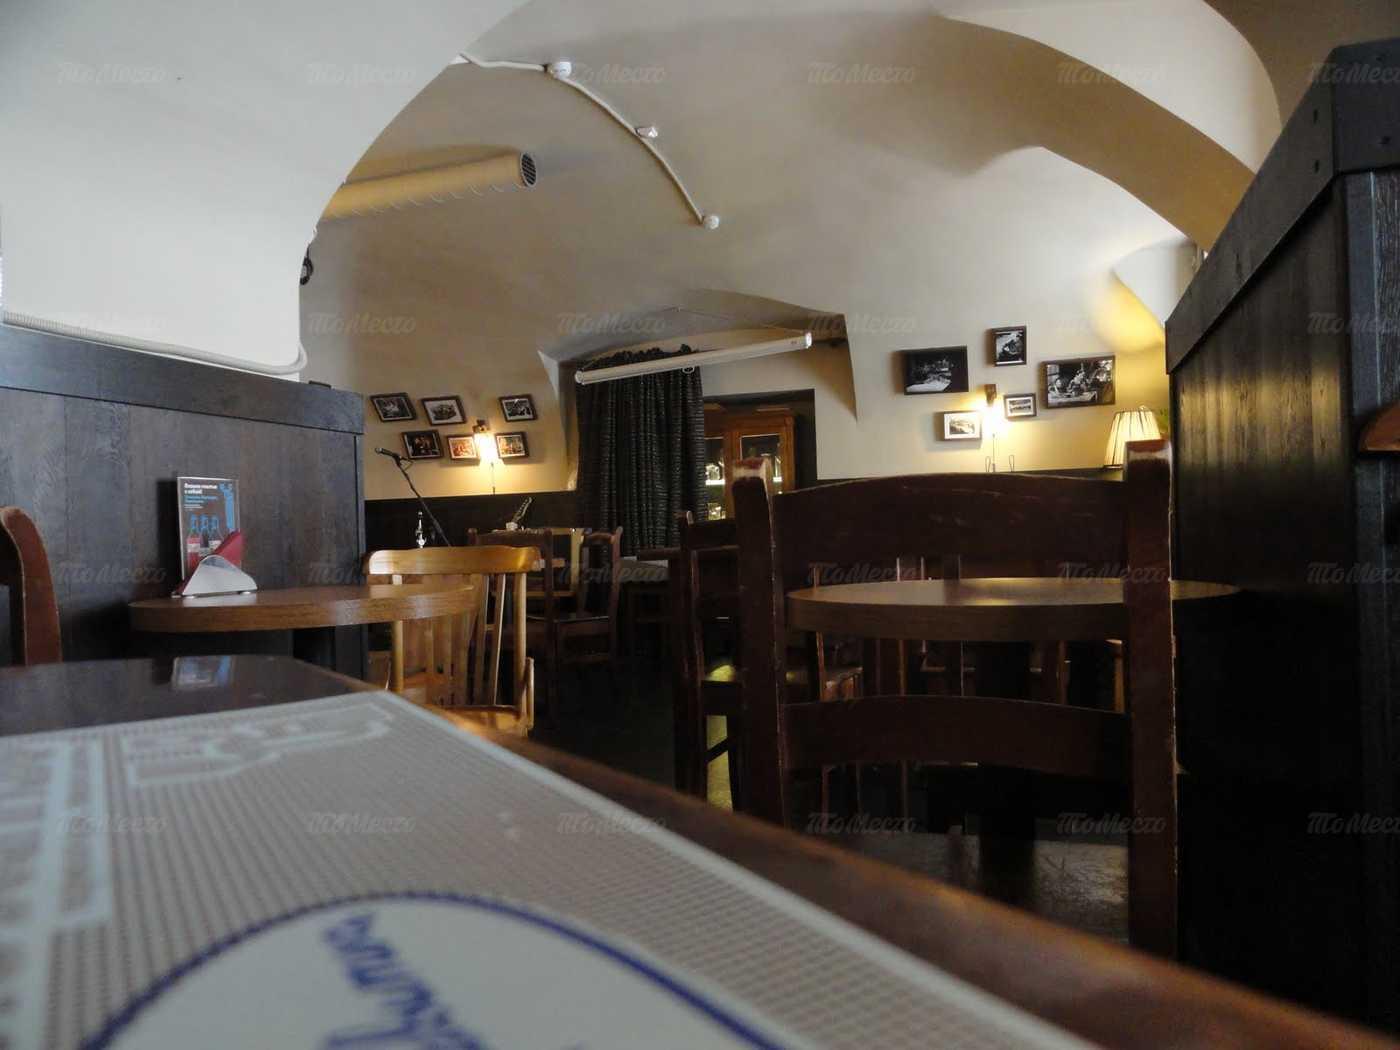 Меню бара Хельсинки бар (Helsinkibar) на Кадетской линии